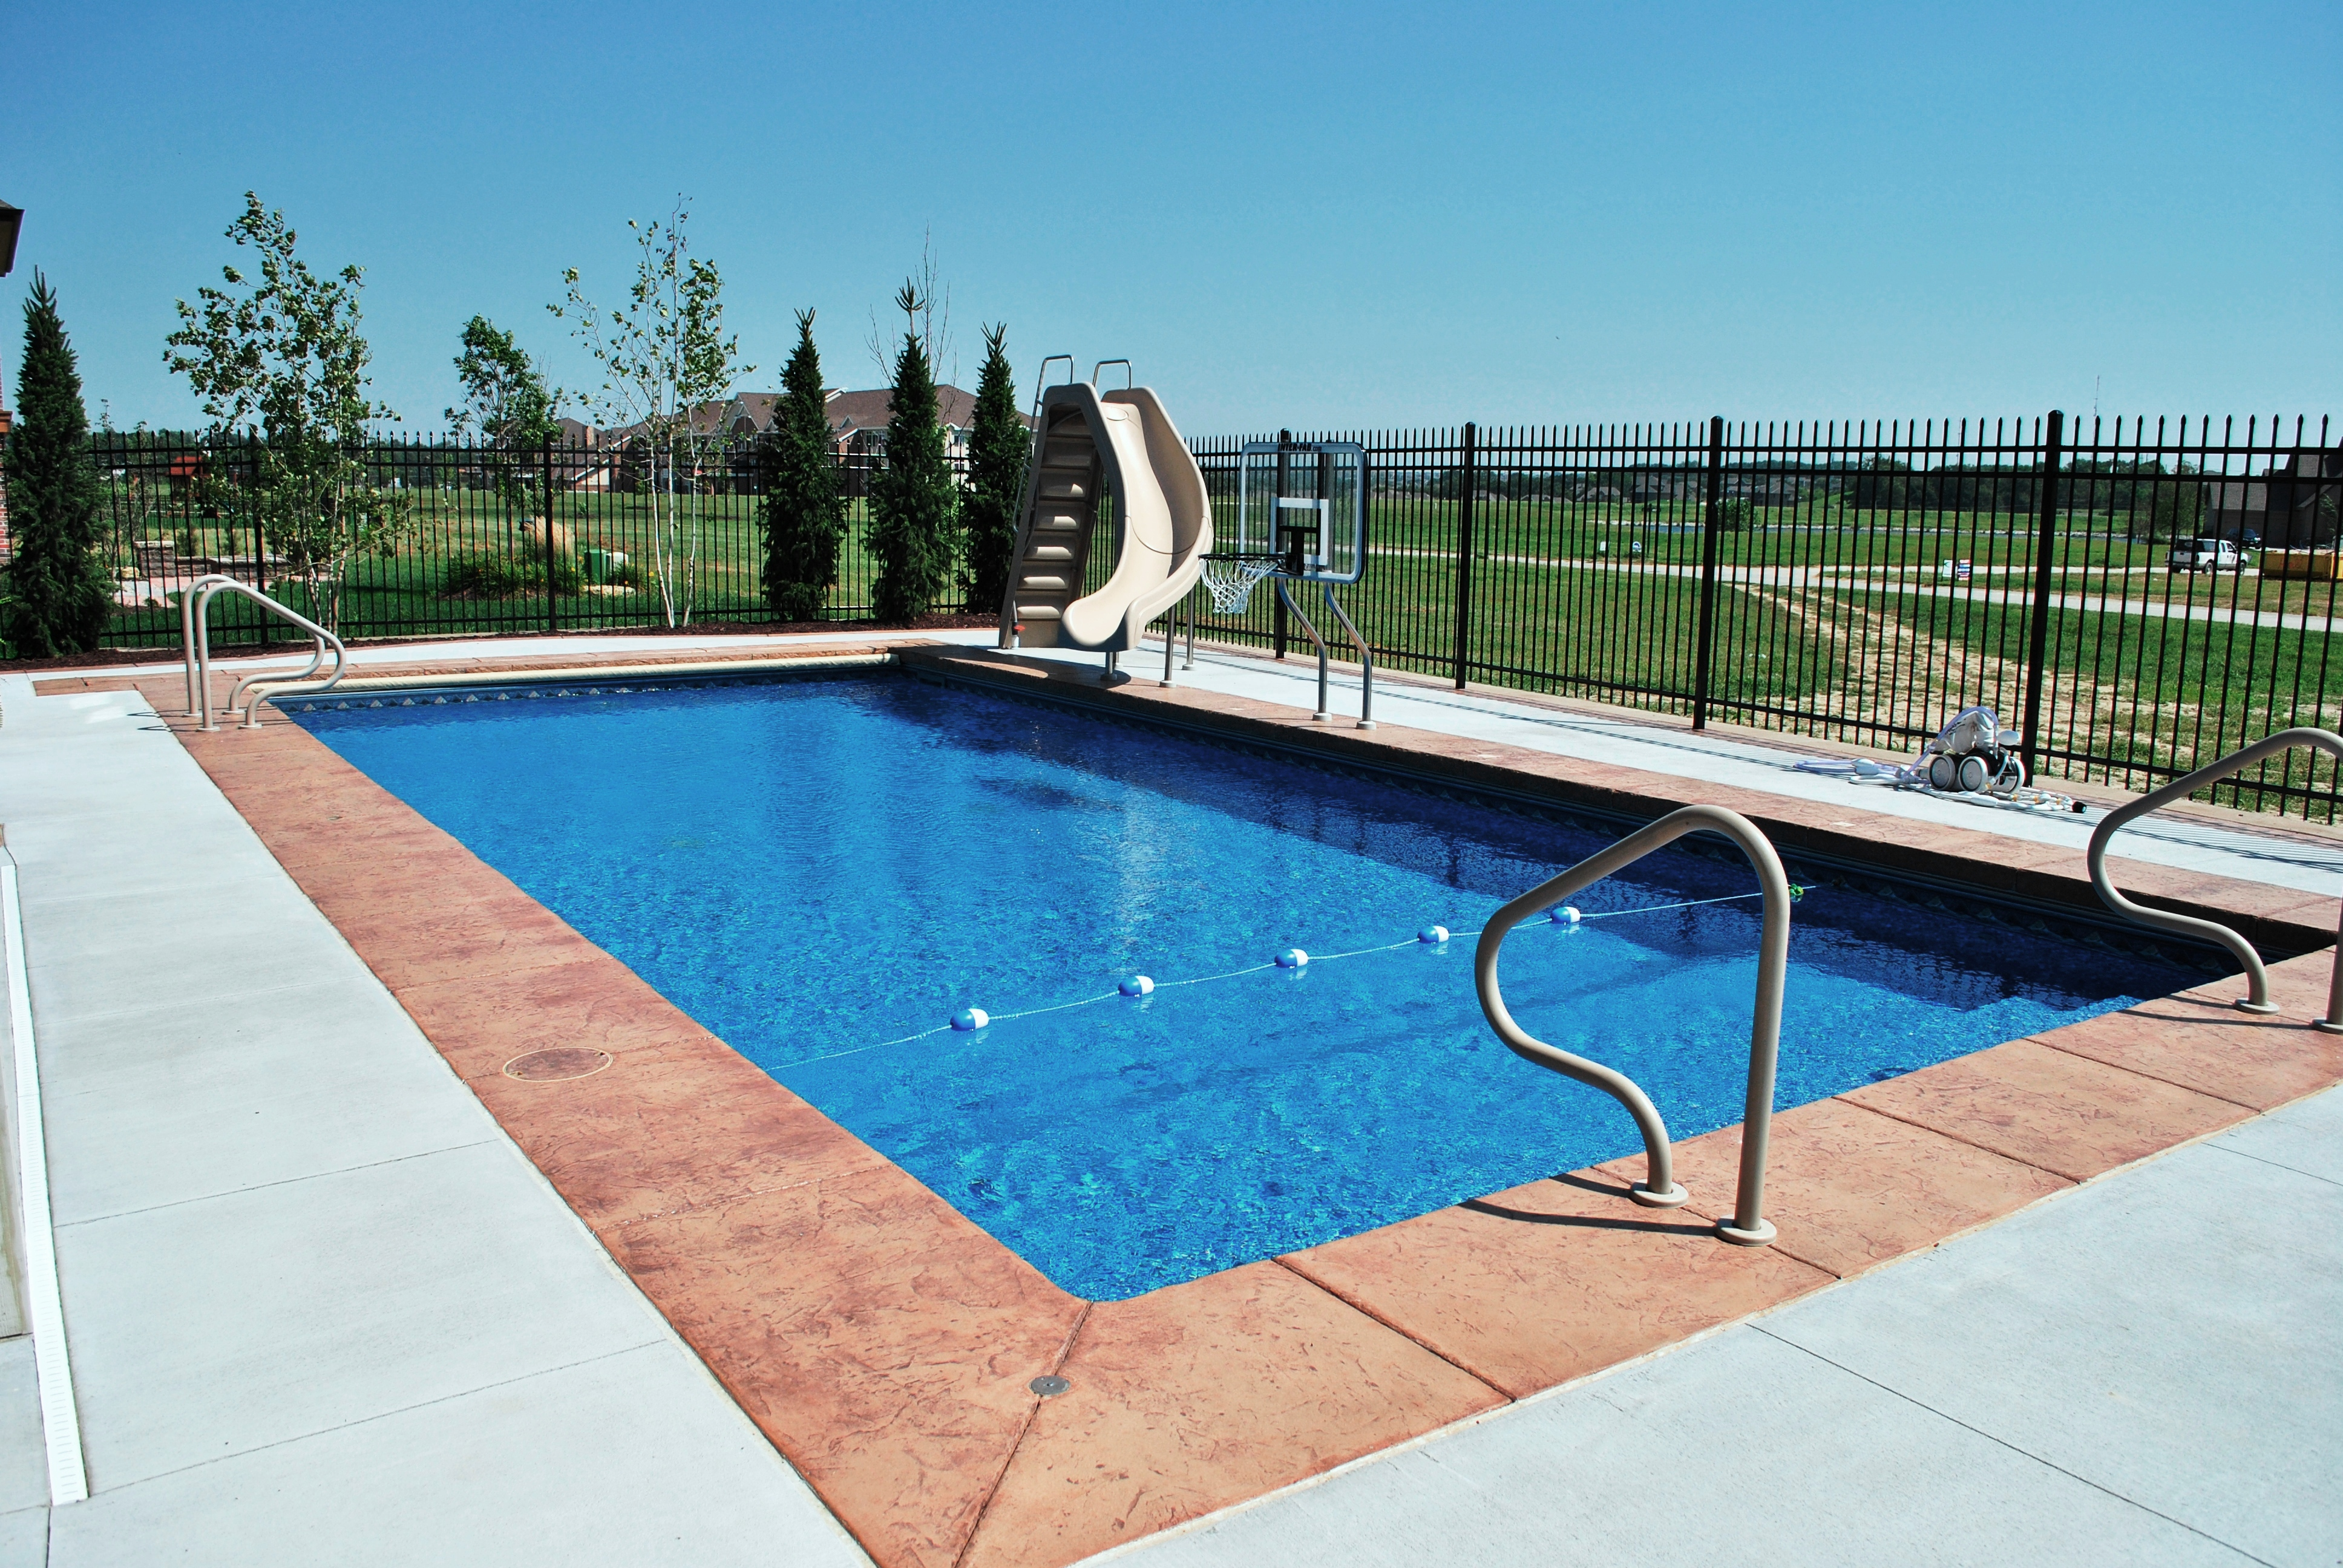 Inground-pool